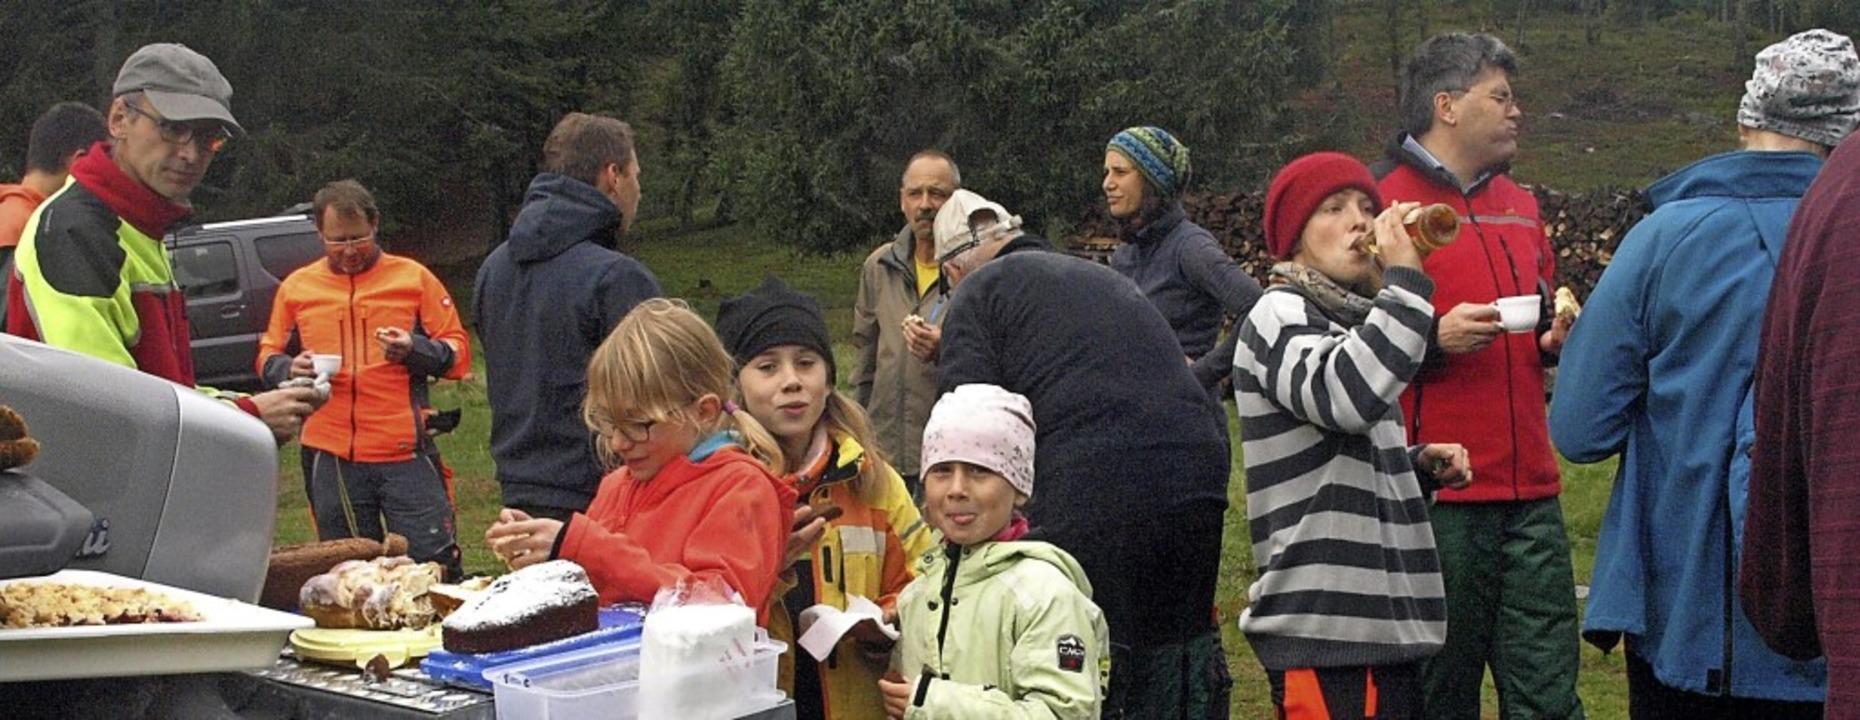 Lohn für die geleistete Arbeit: Die Fe...anisierte für die Helfer einen Imbiss.    Foto: Karin Stöckl-Steinebrunner